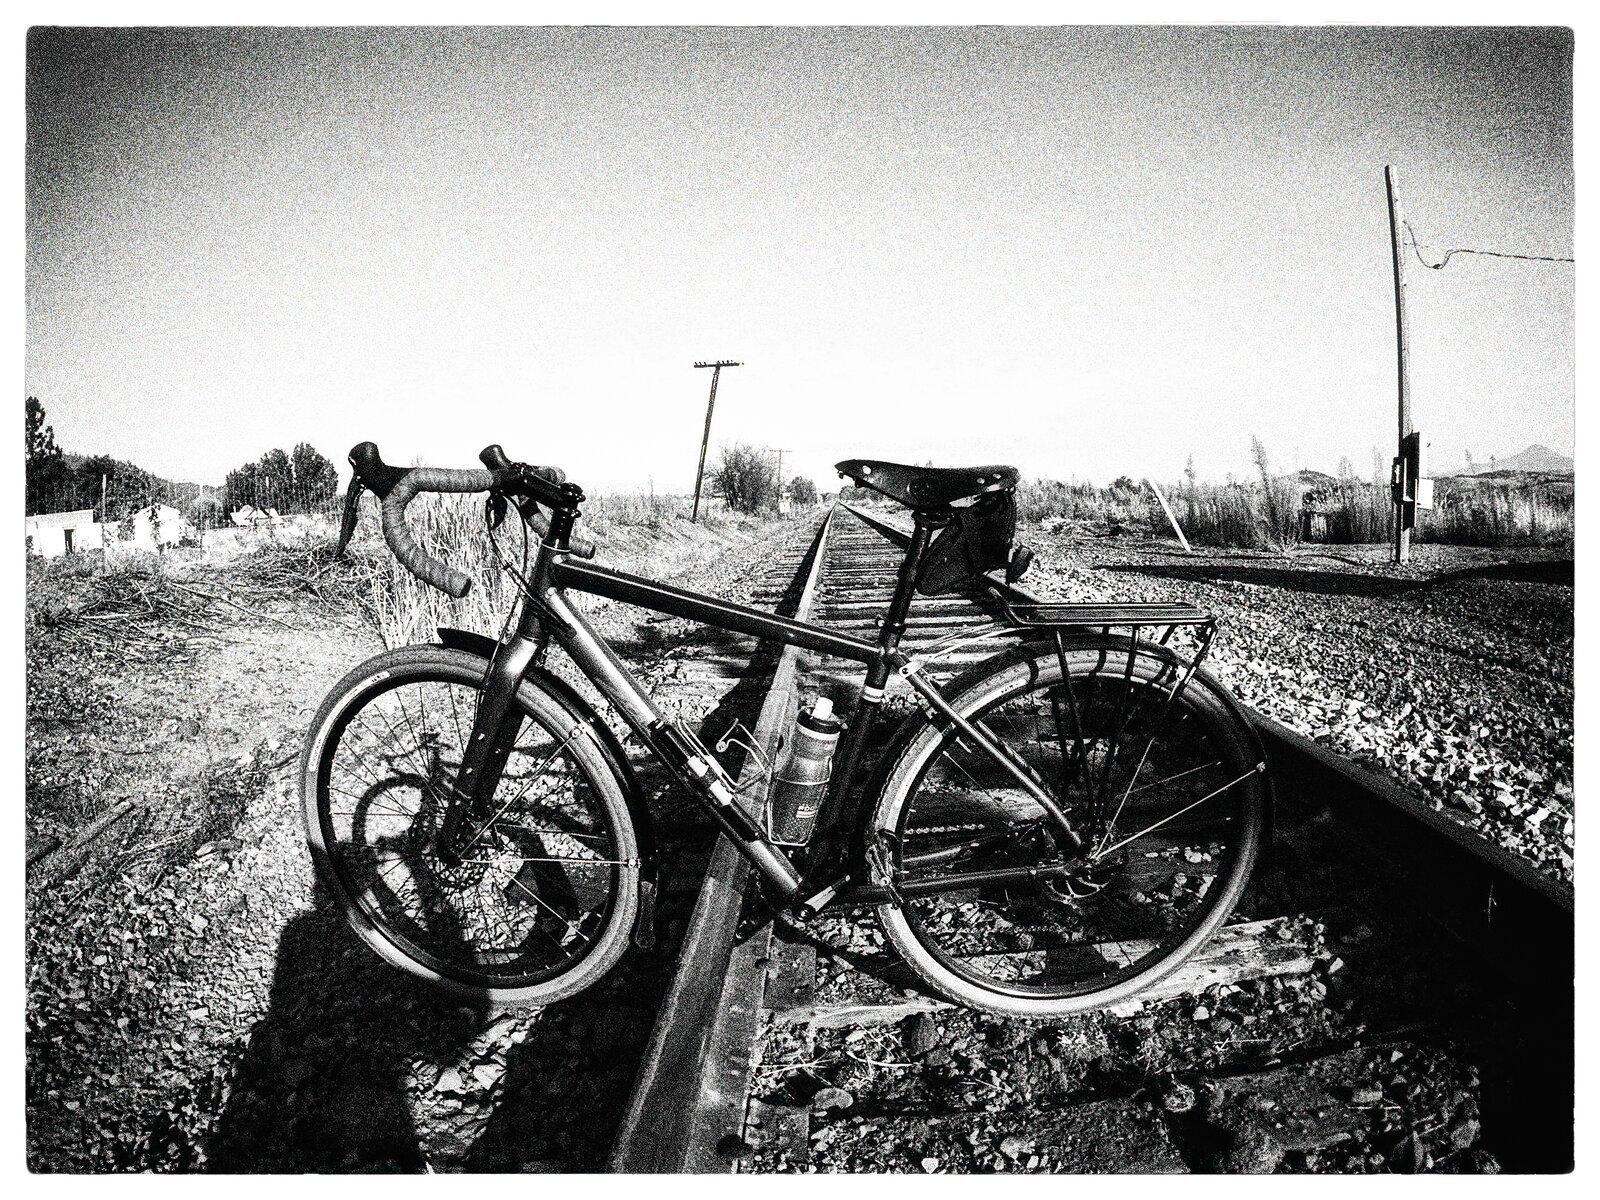 EP5_Sept15_21_bicycle_RRtracks(silver.efex).jpg